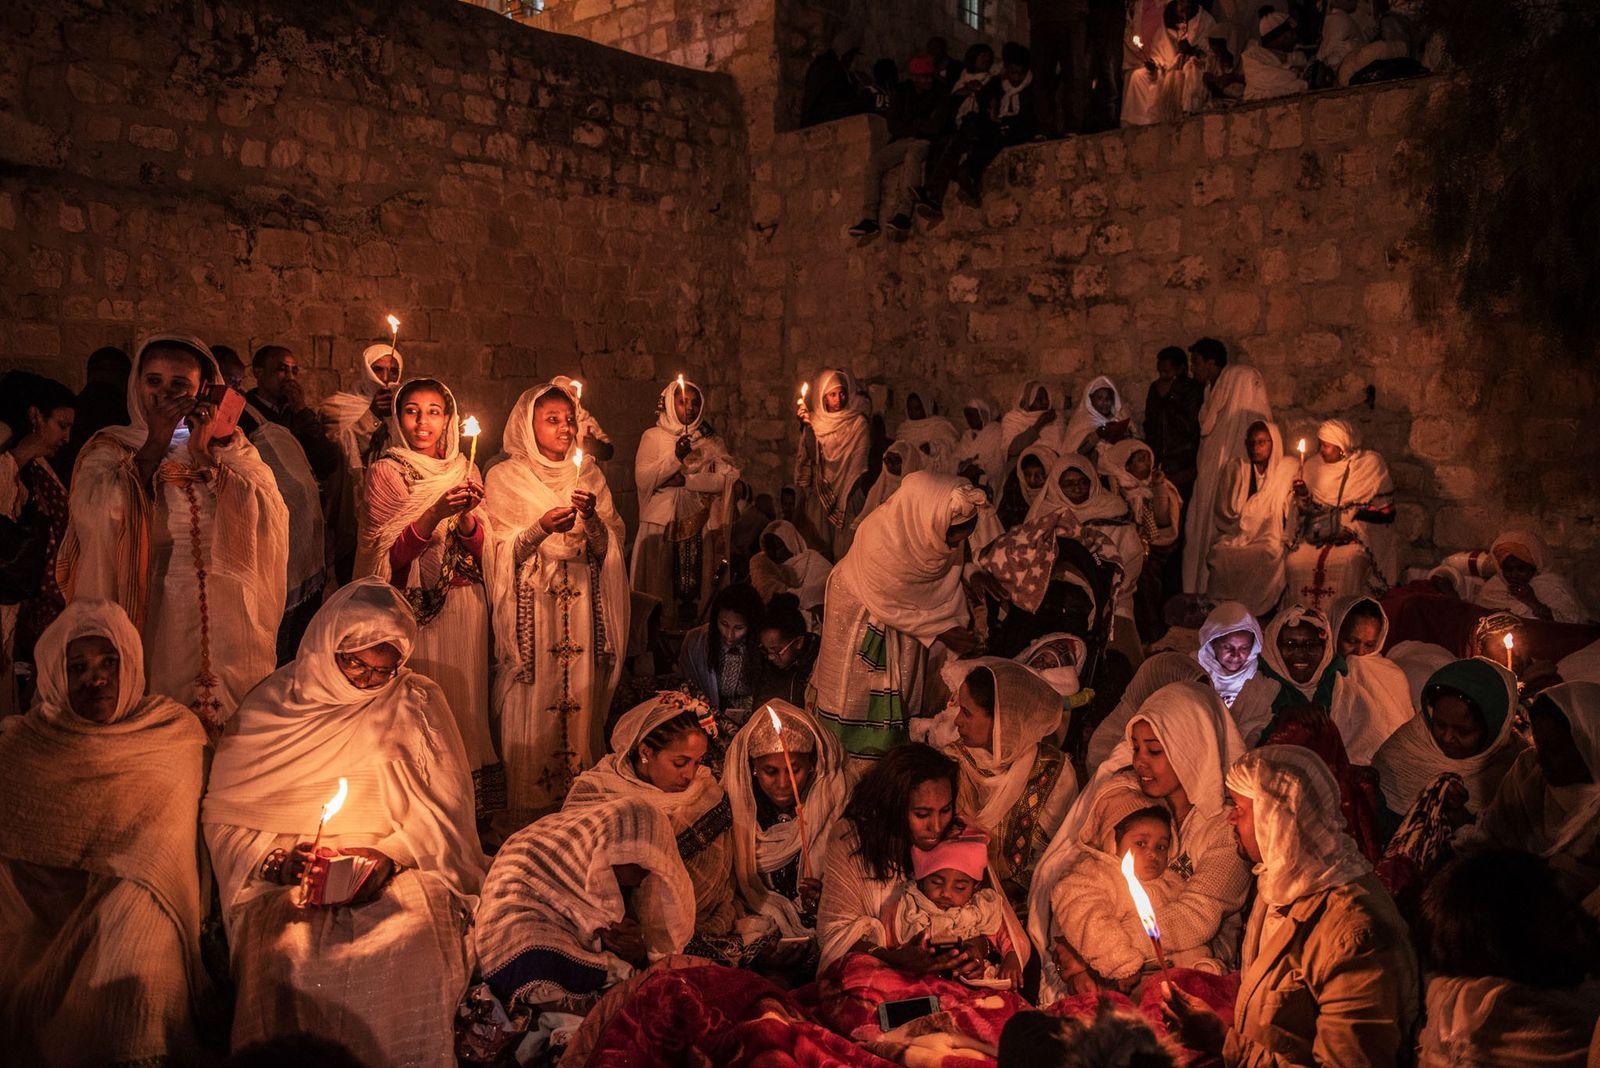 Äthiopisch-orthodoxe Pilger feiern Ostern auf der Grabeskirche. In einem langen Disput mit ägyptischen Kopten besetzten äthiopische ...